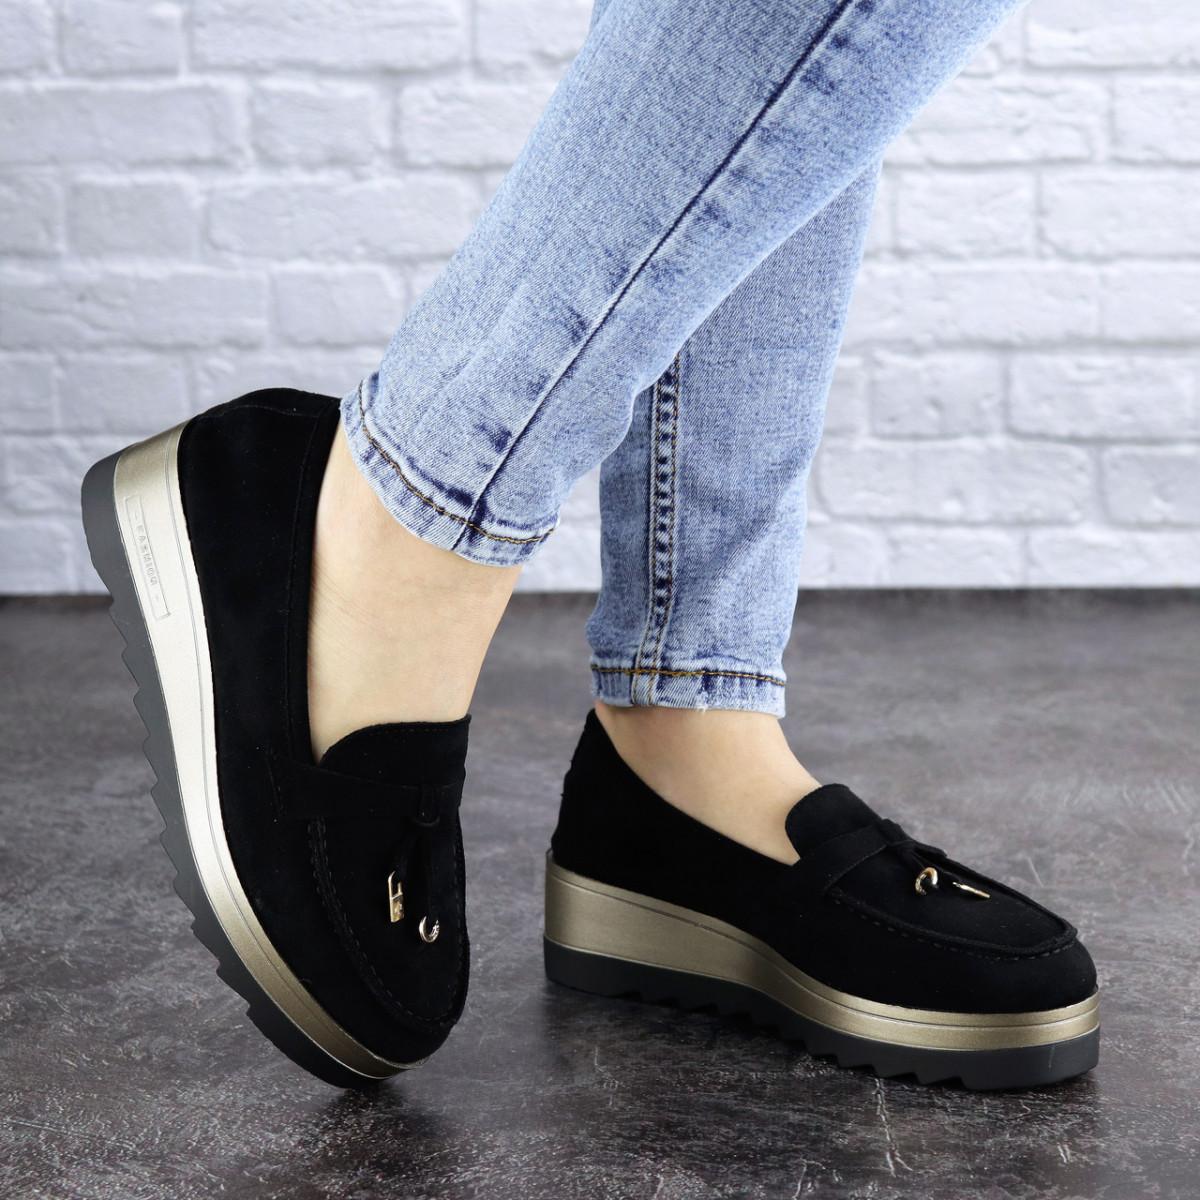 Женские туфли черные Boot 1923 (36 размер)